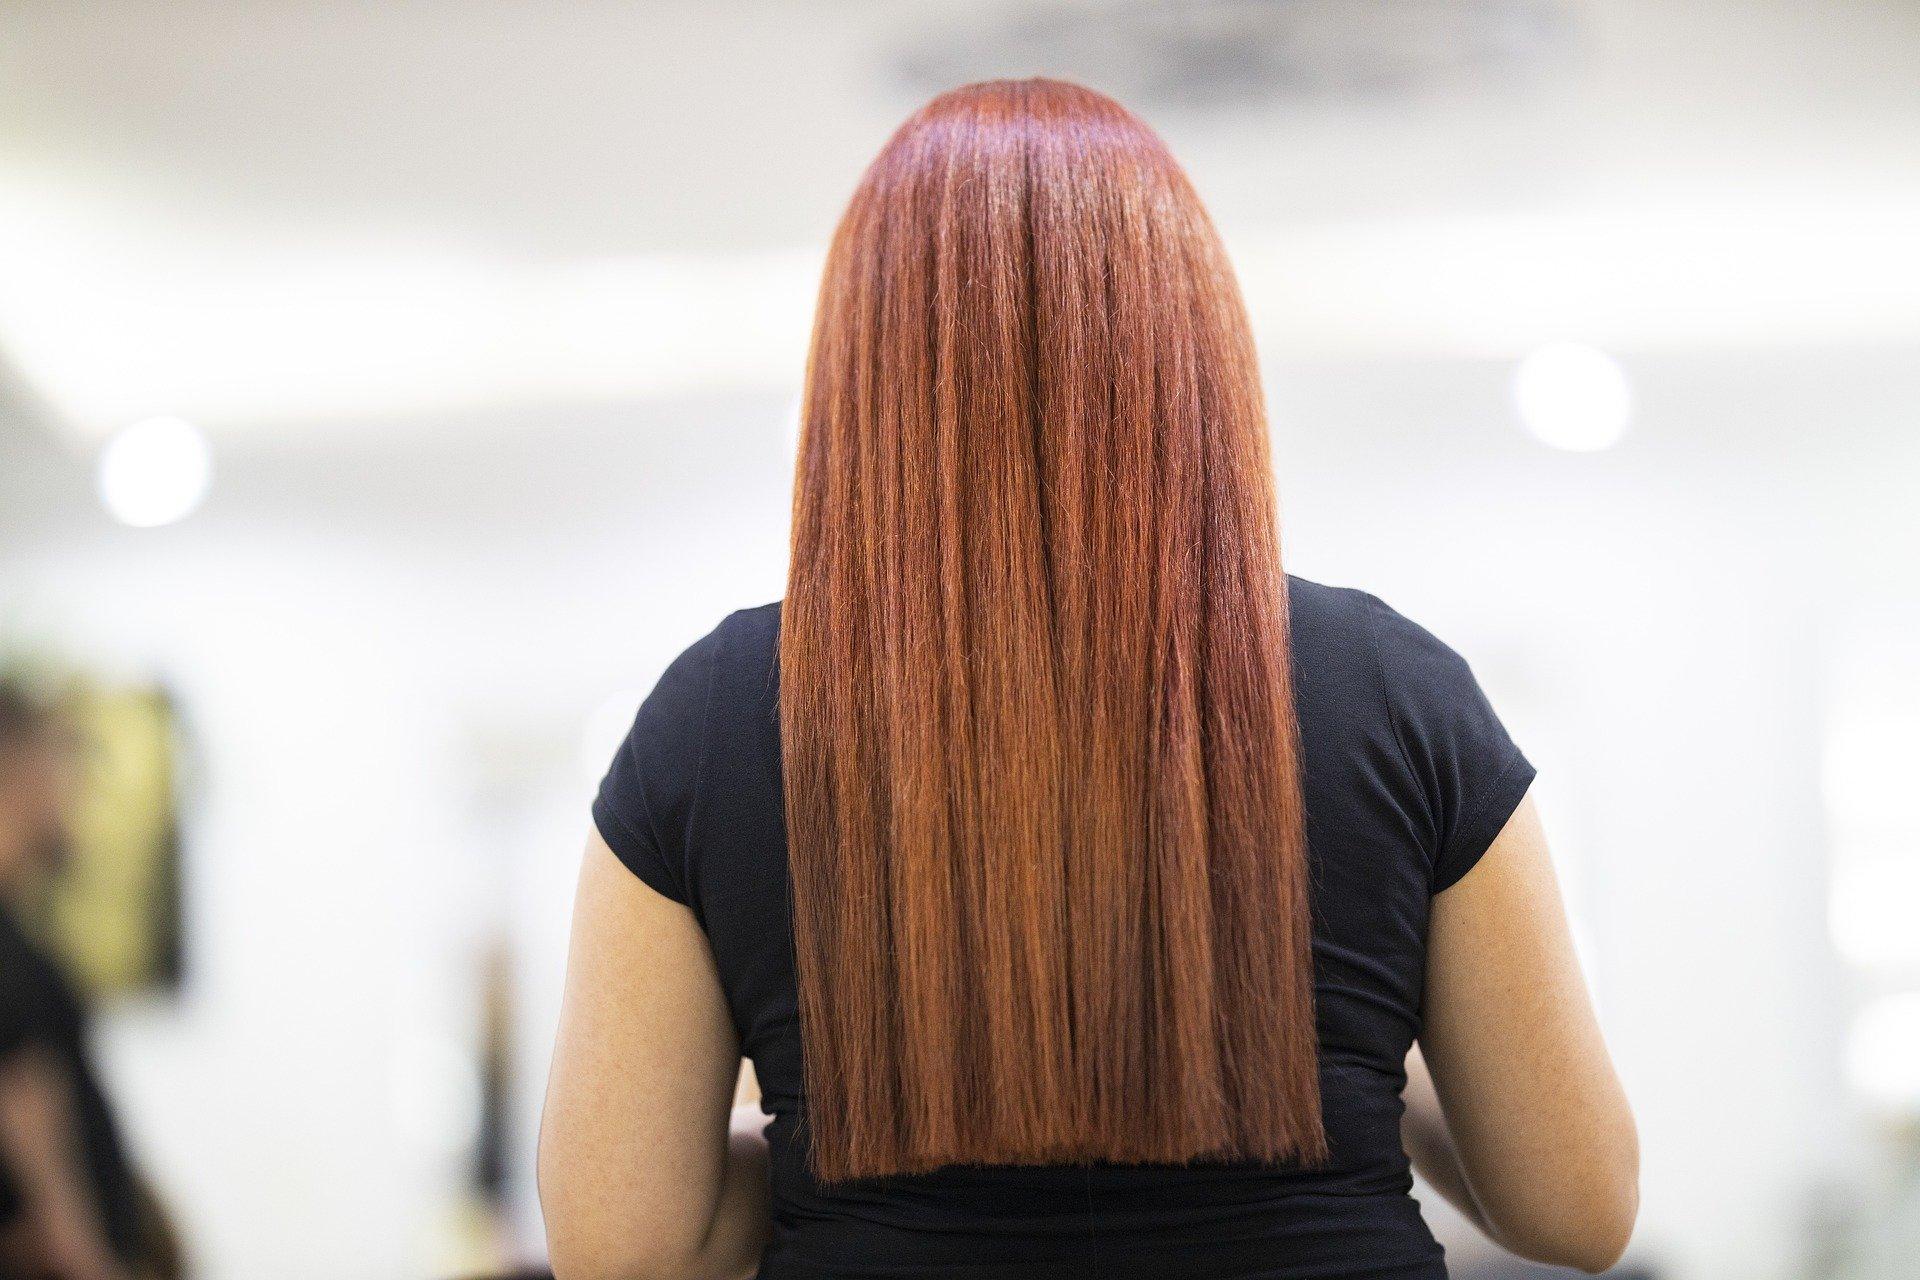 Photo of Haar-Laminierung verspricht Glanz und Glätte für spröde Haare